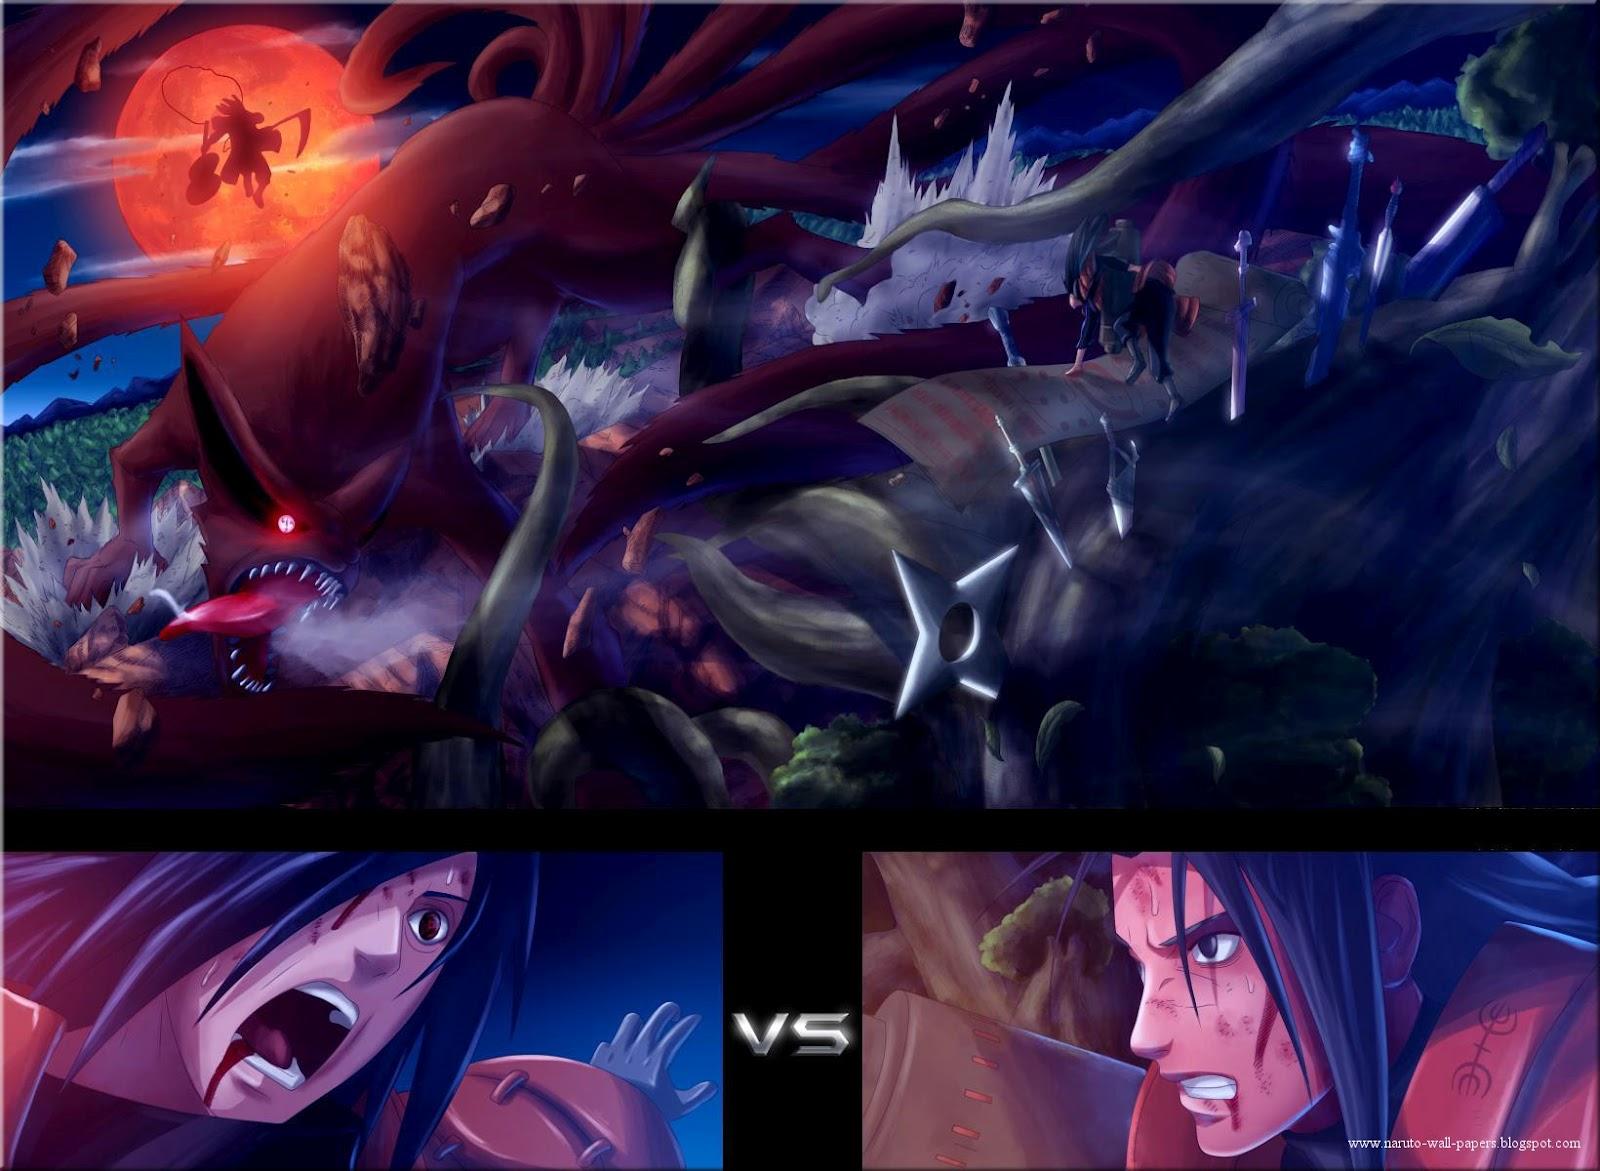 http://4.bp.blogspot.com/-Rq1YxLypybs/T8p5t3mnxpI/AAAAAAAAD0Q/XkI5drzuEBA/s1600/Uchiha_Madara_vs_Hashirama_Senju_wallpapers.jpg